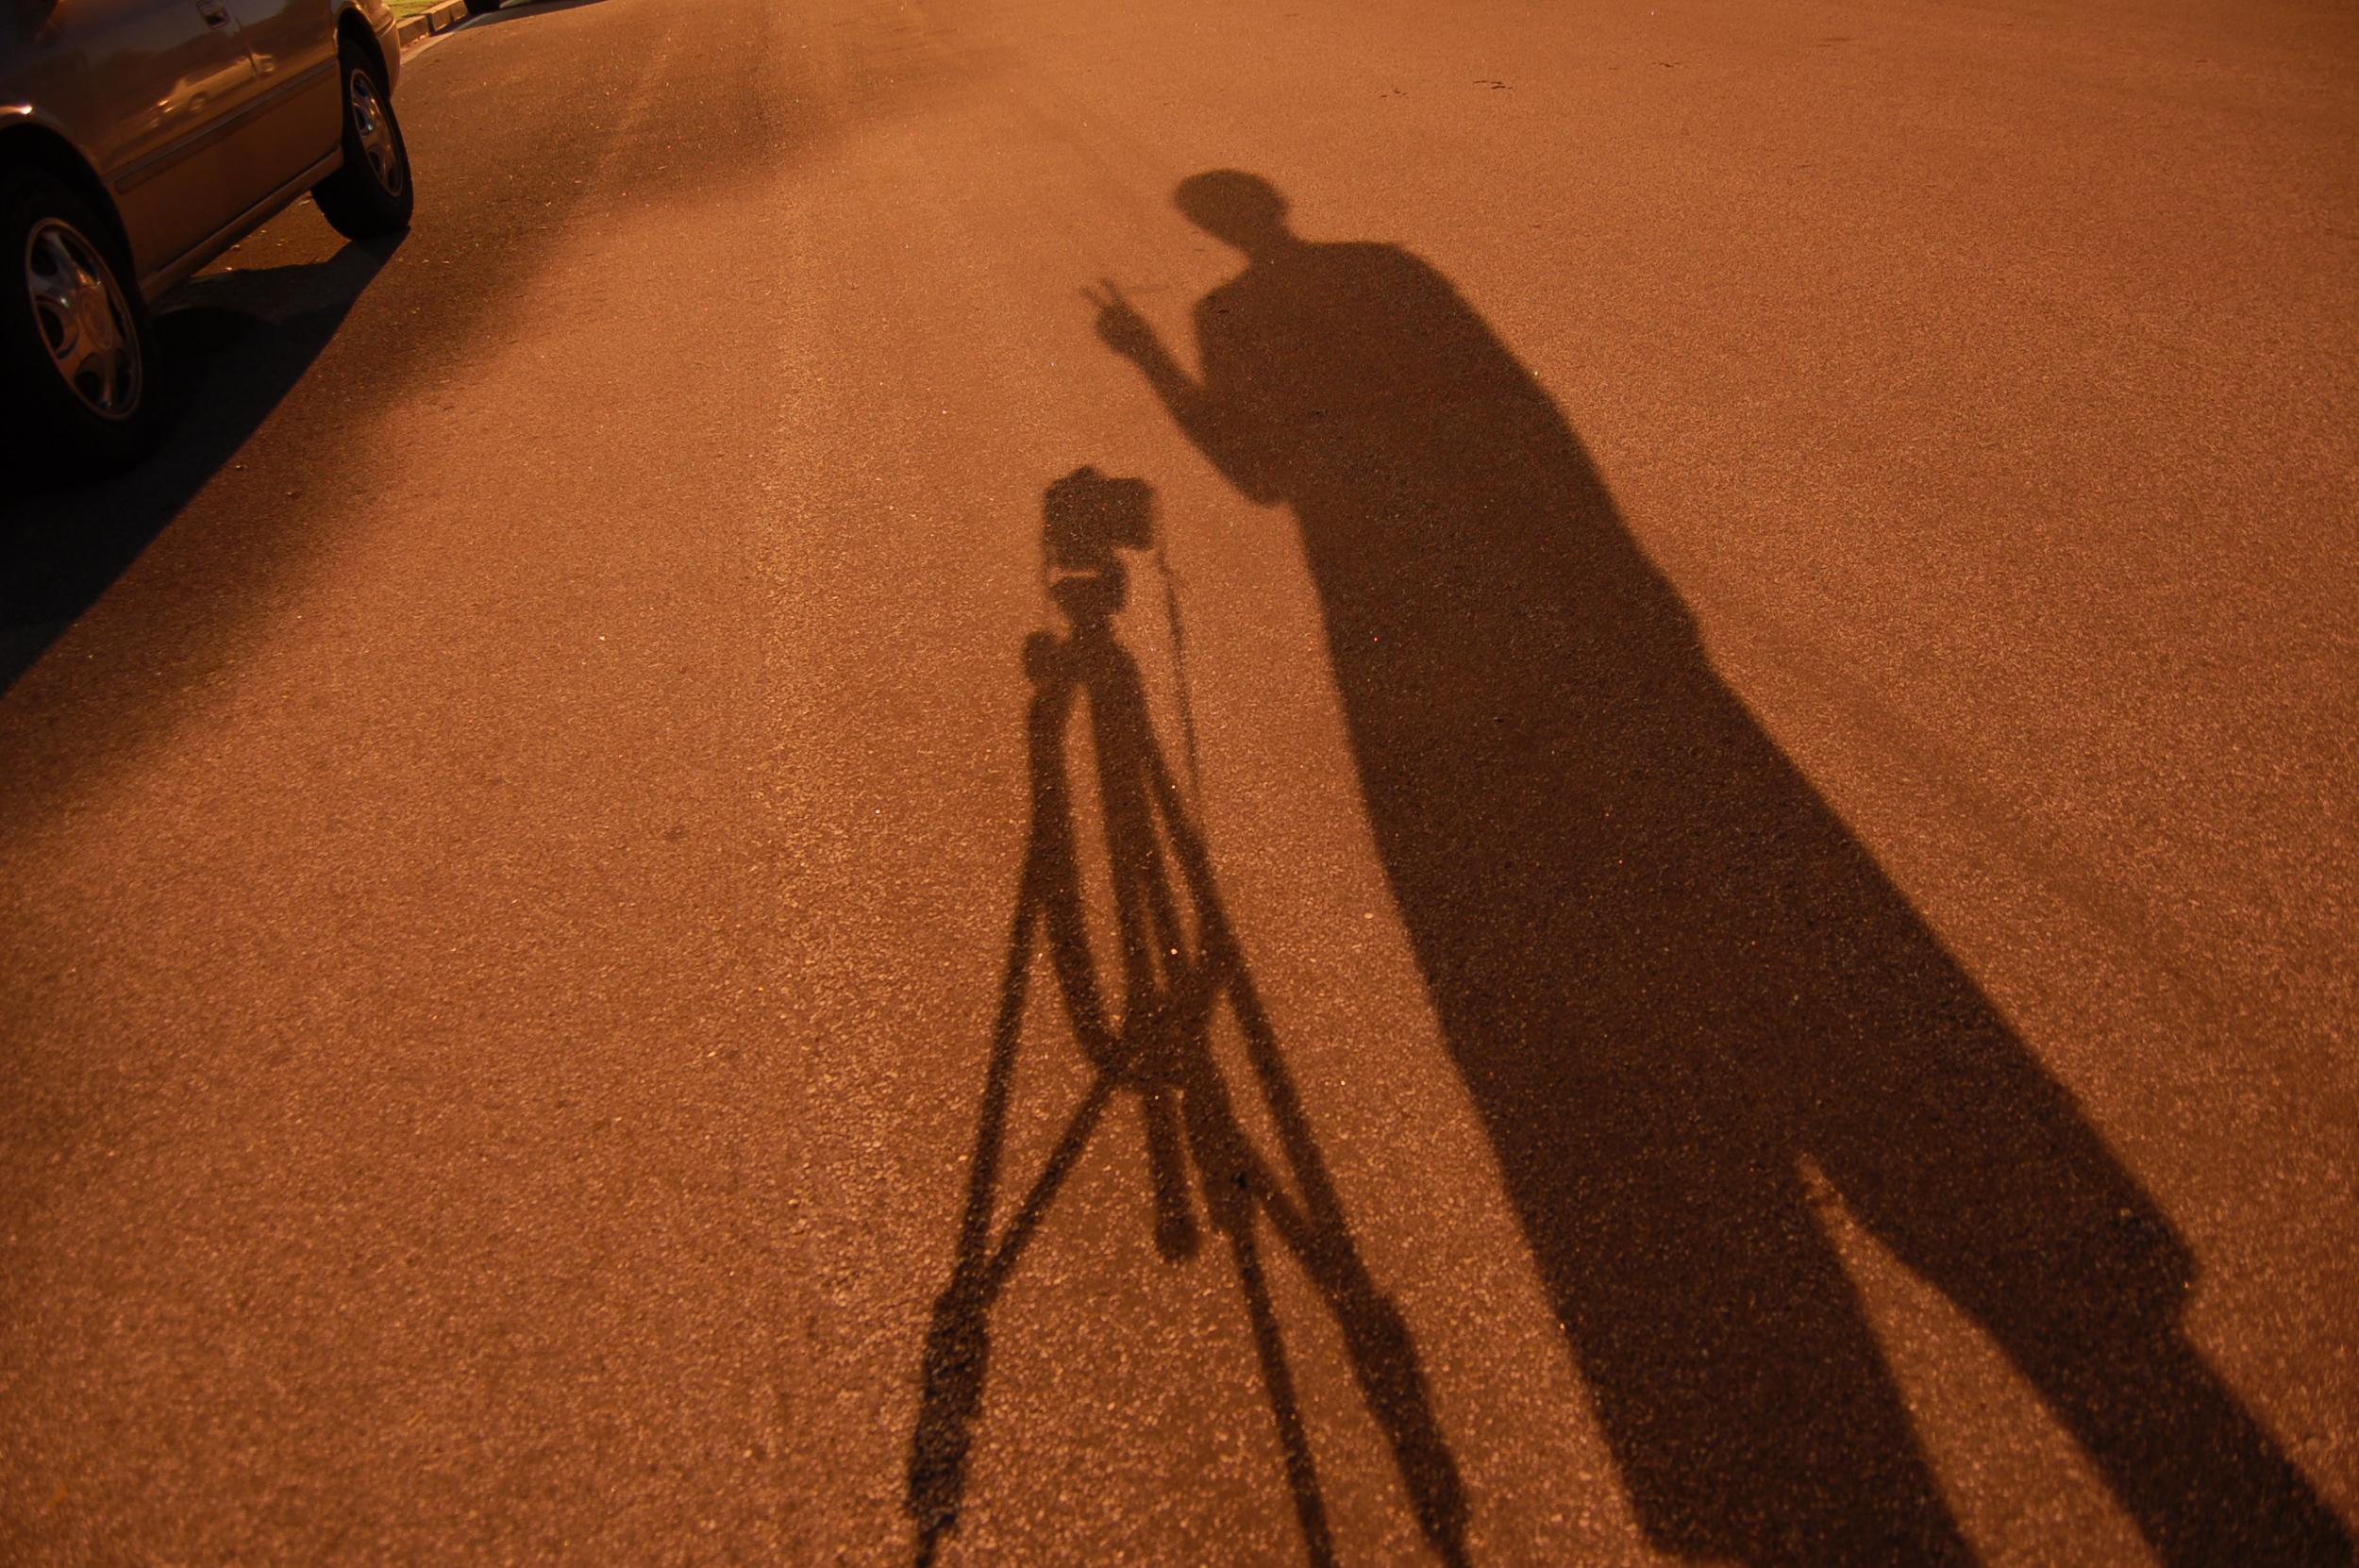 DSC_0013.shadow.JPG